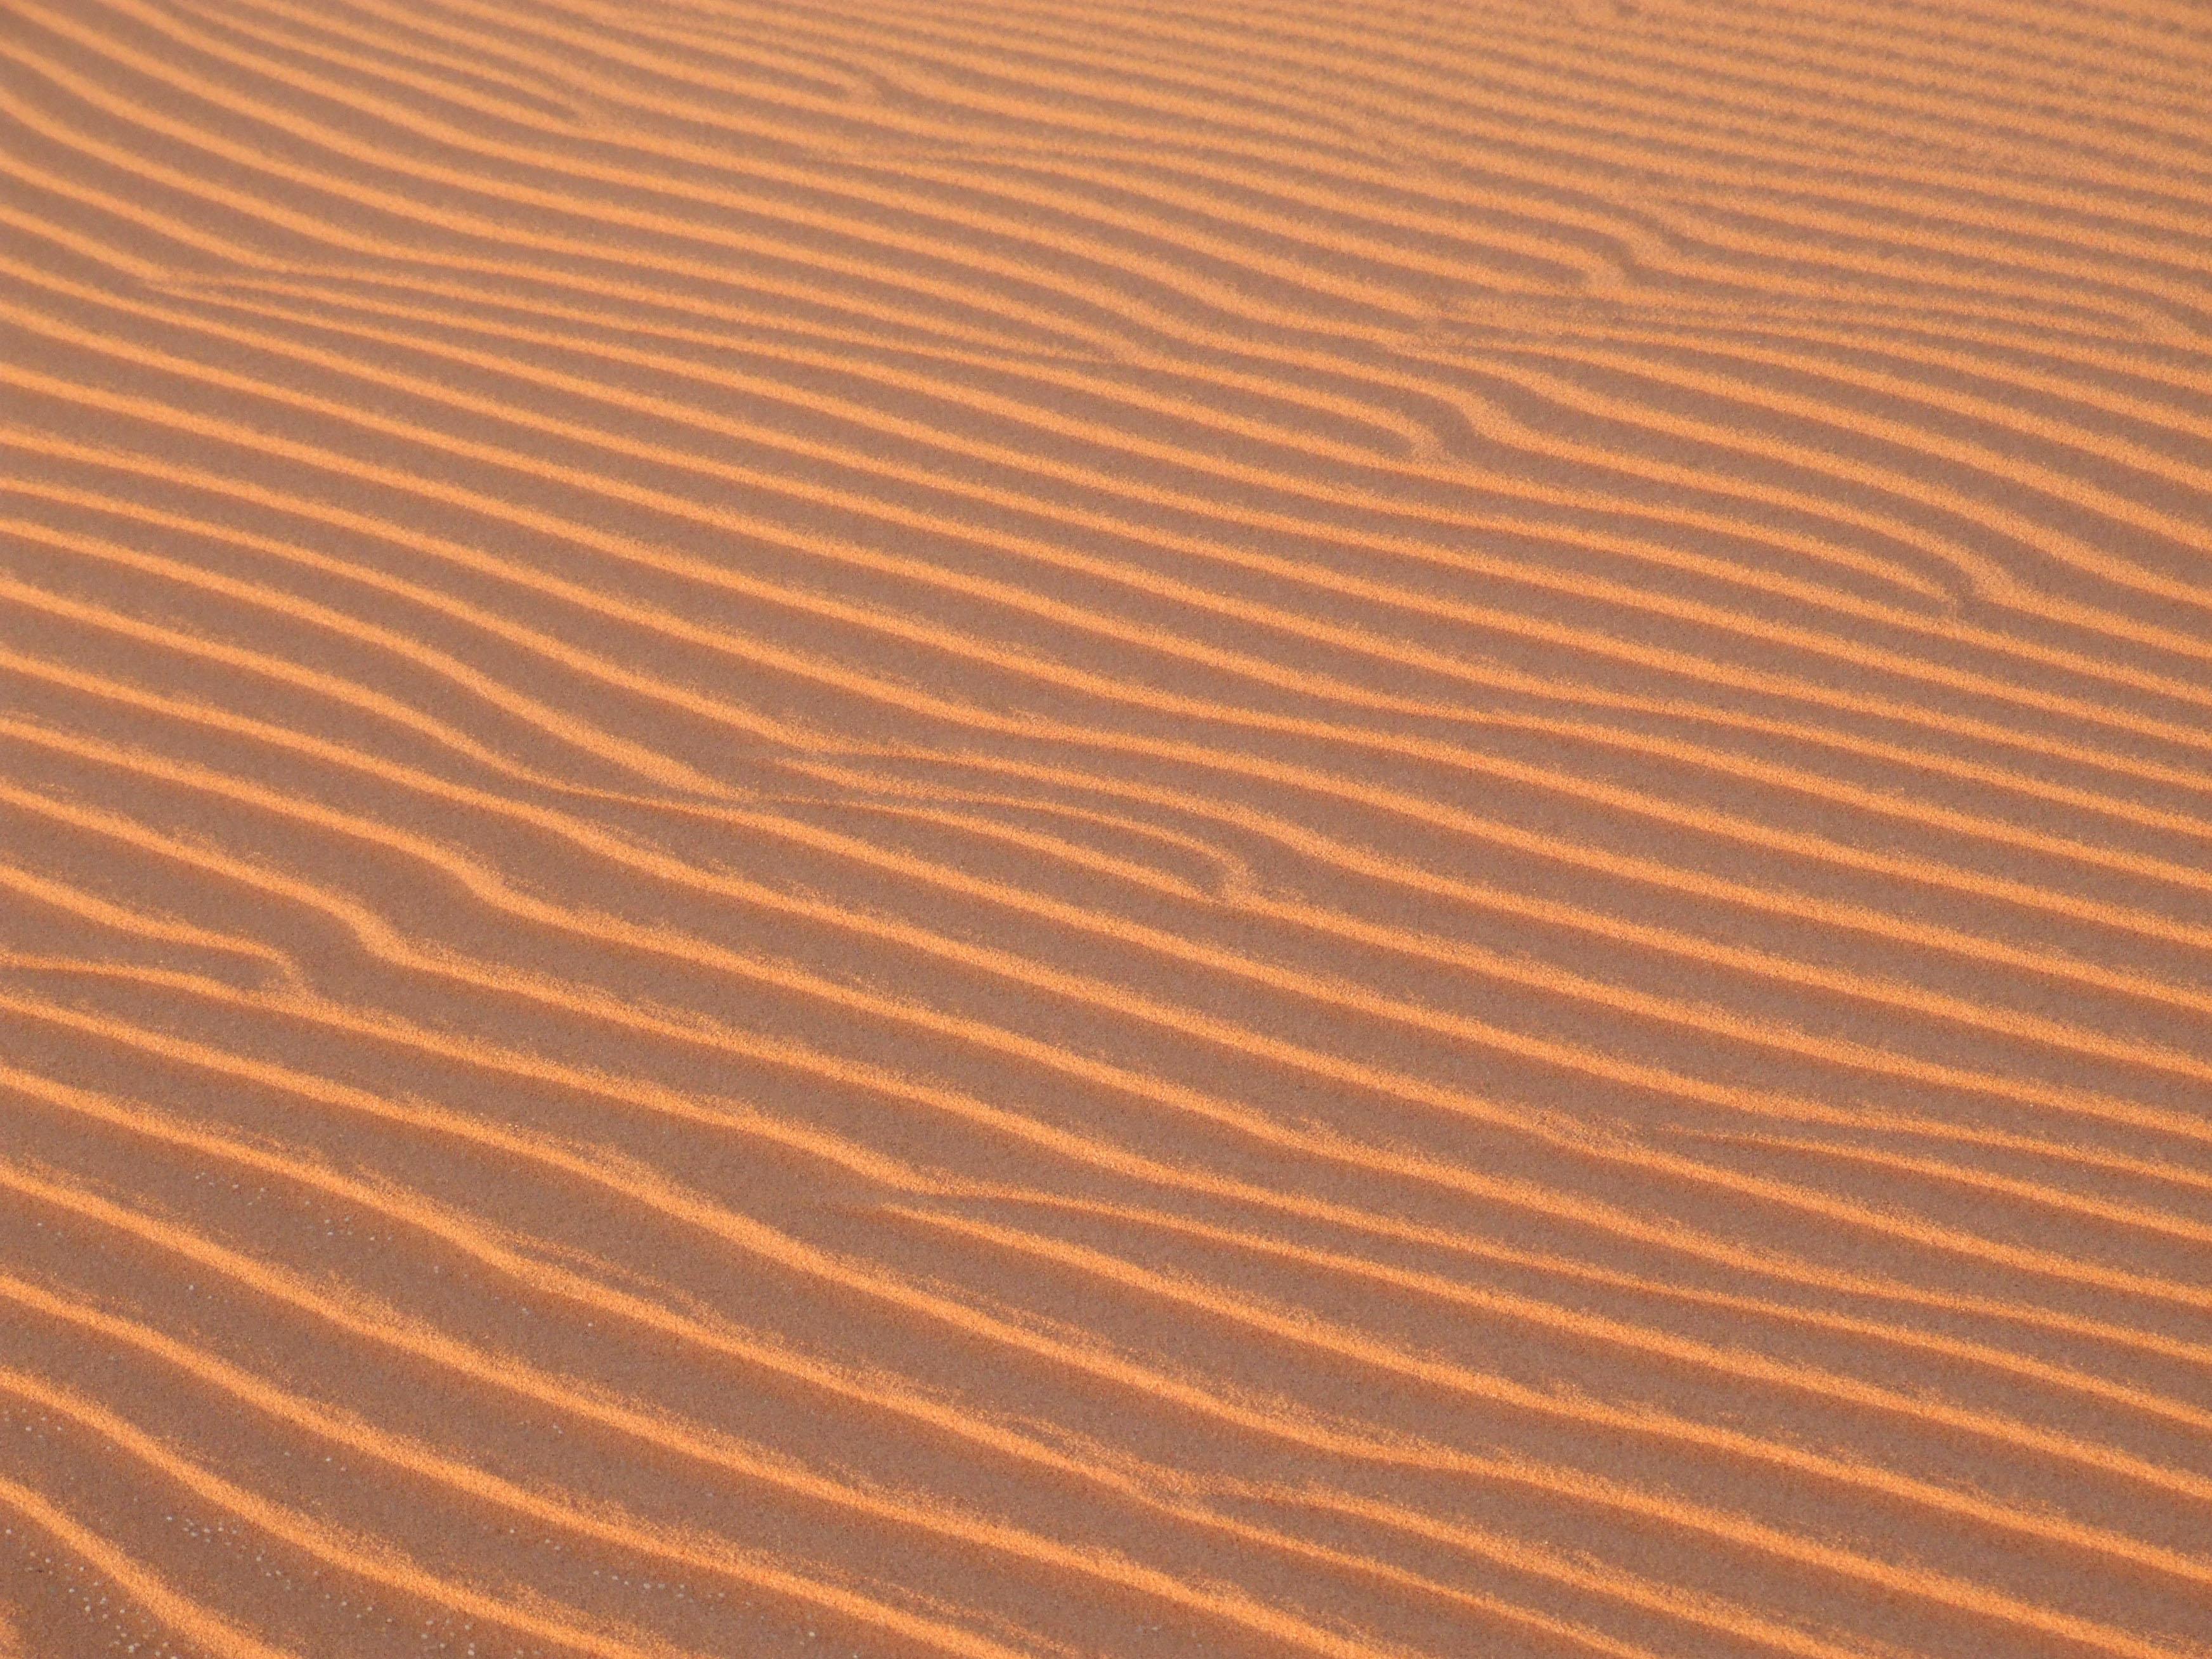 המדבר המערבי - מערת נטיפים, שחיינים ואבנים יקרות בלב מדבר סהרה במצרים